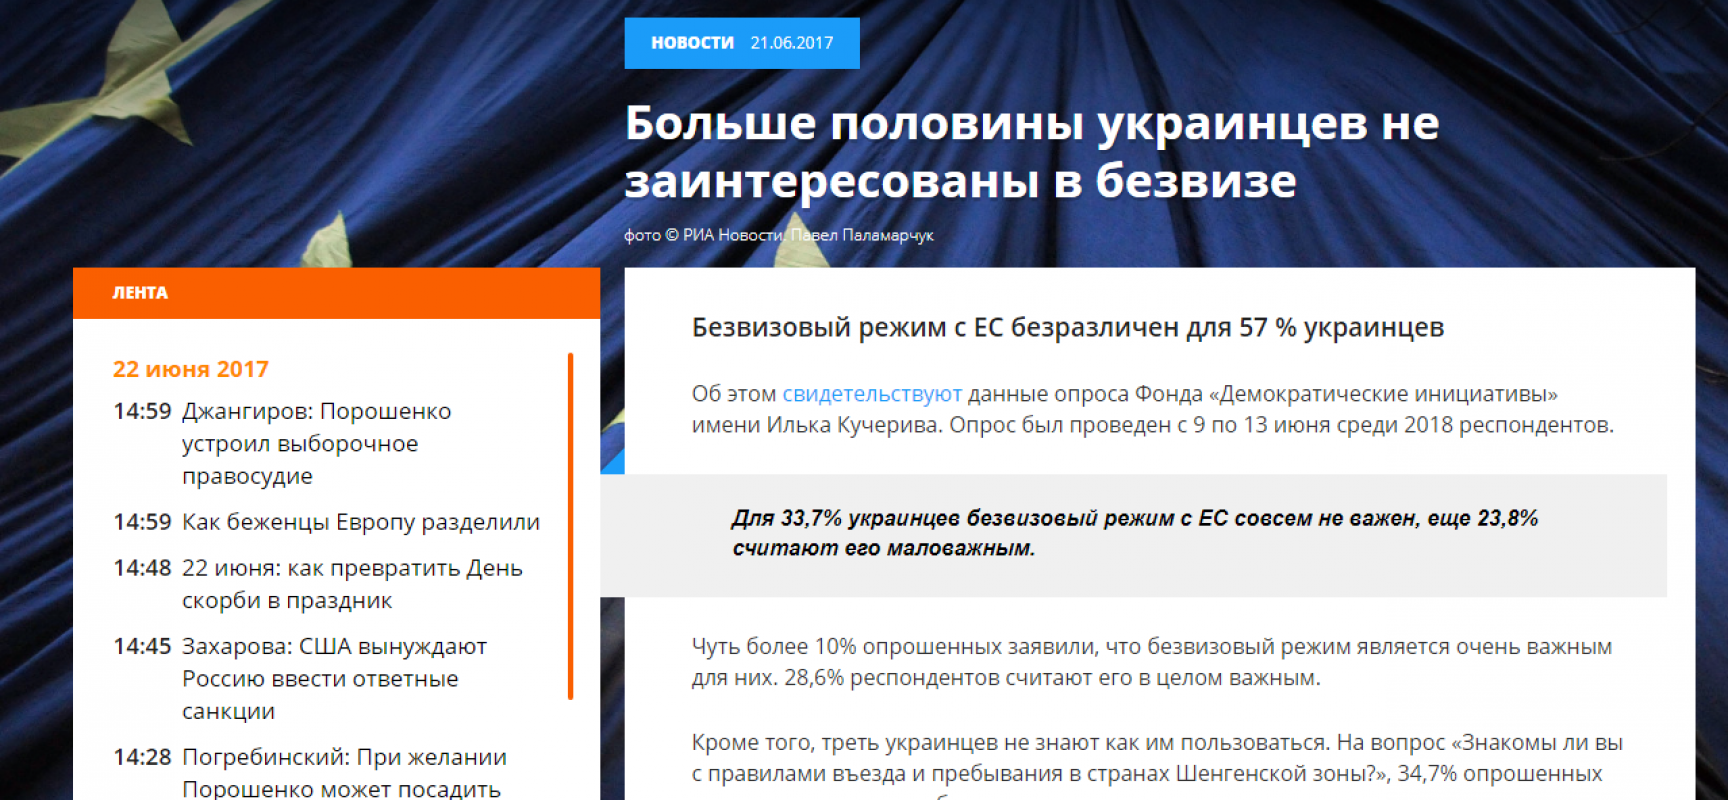 Fake: Oltre il 50% degli ucraini non sono interessati al regime senza visti